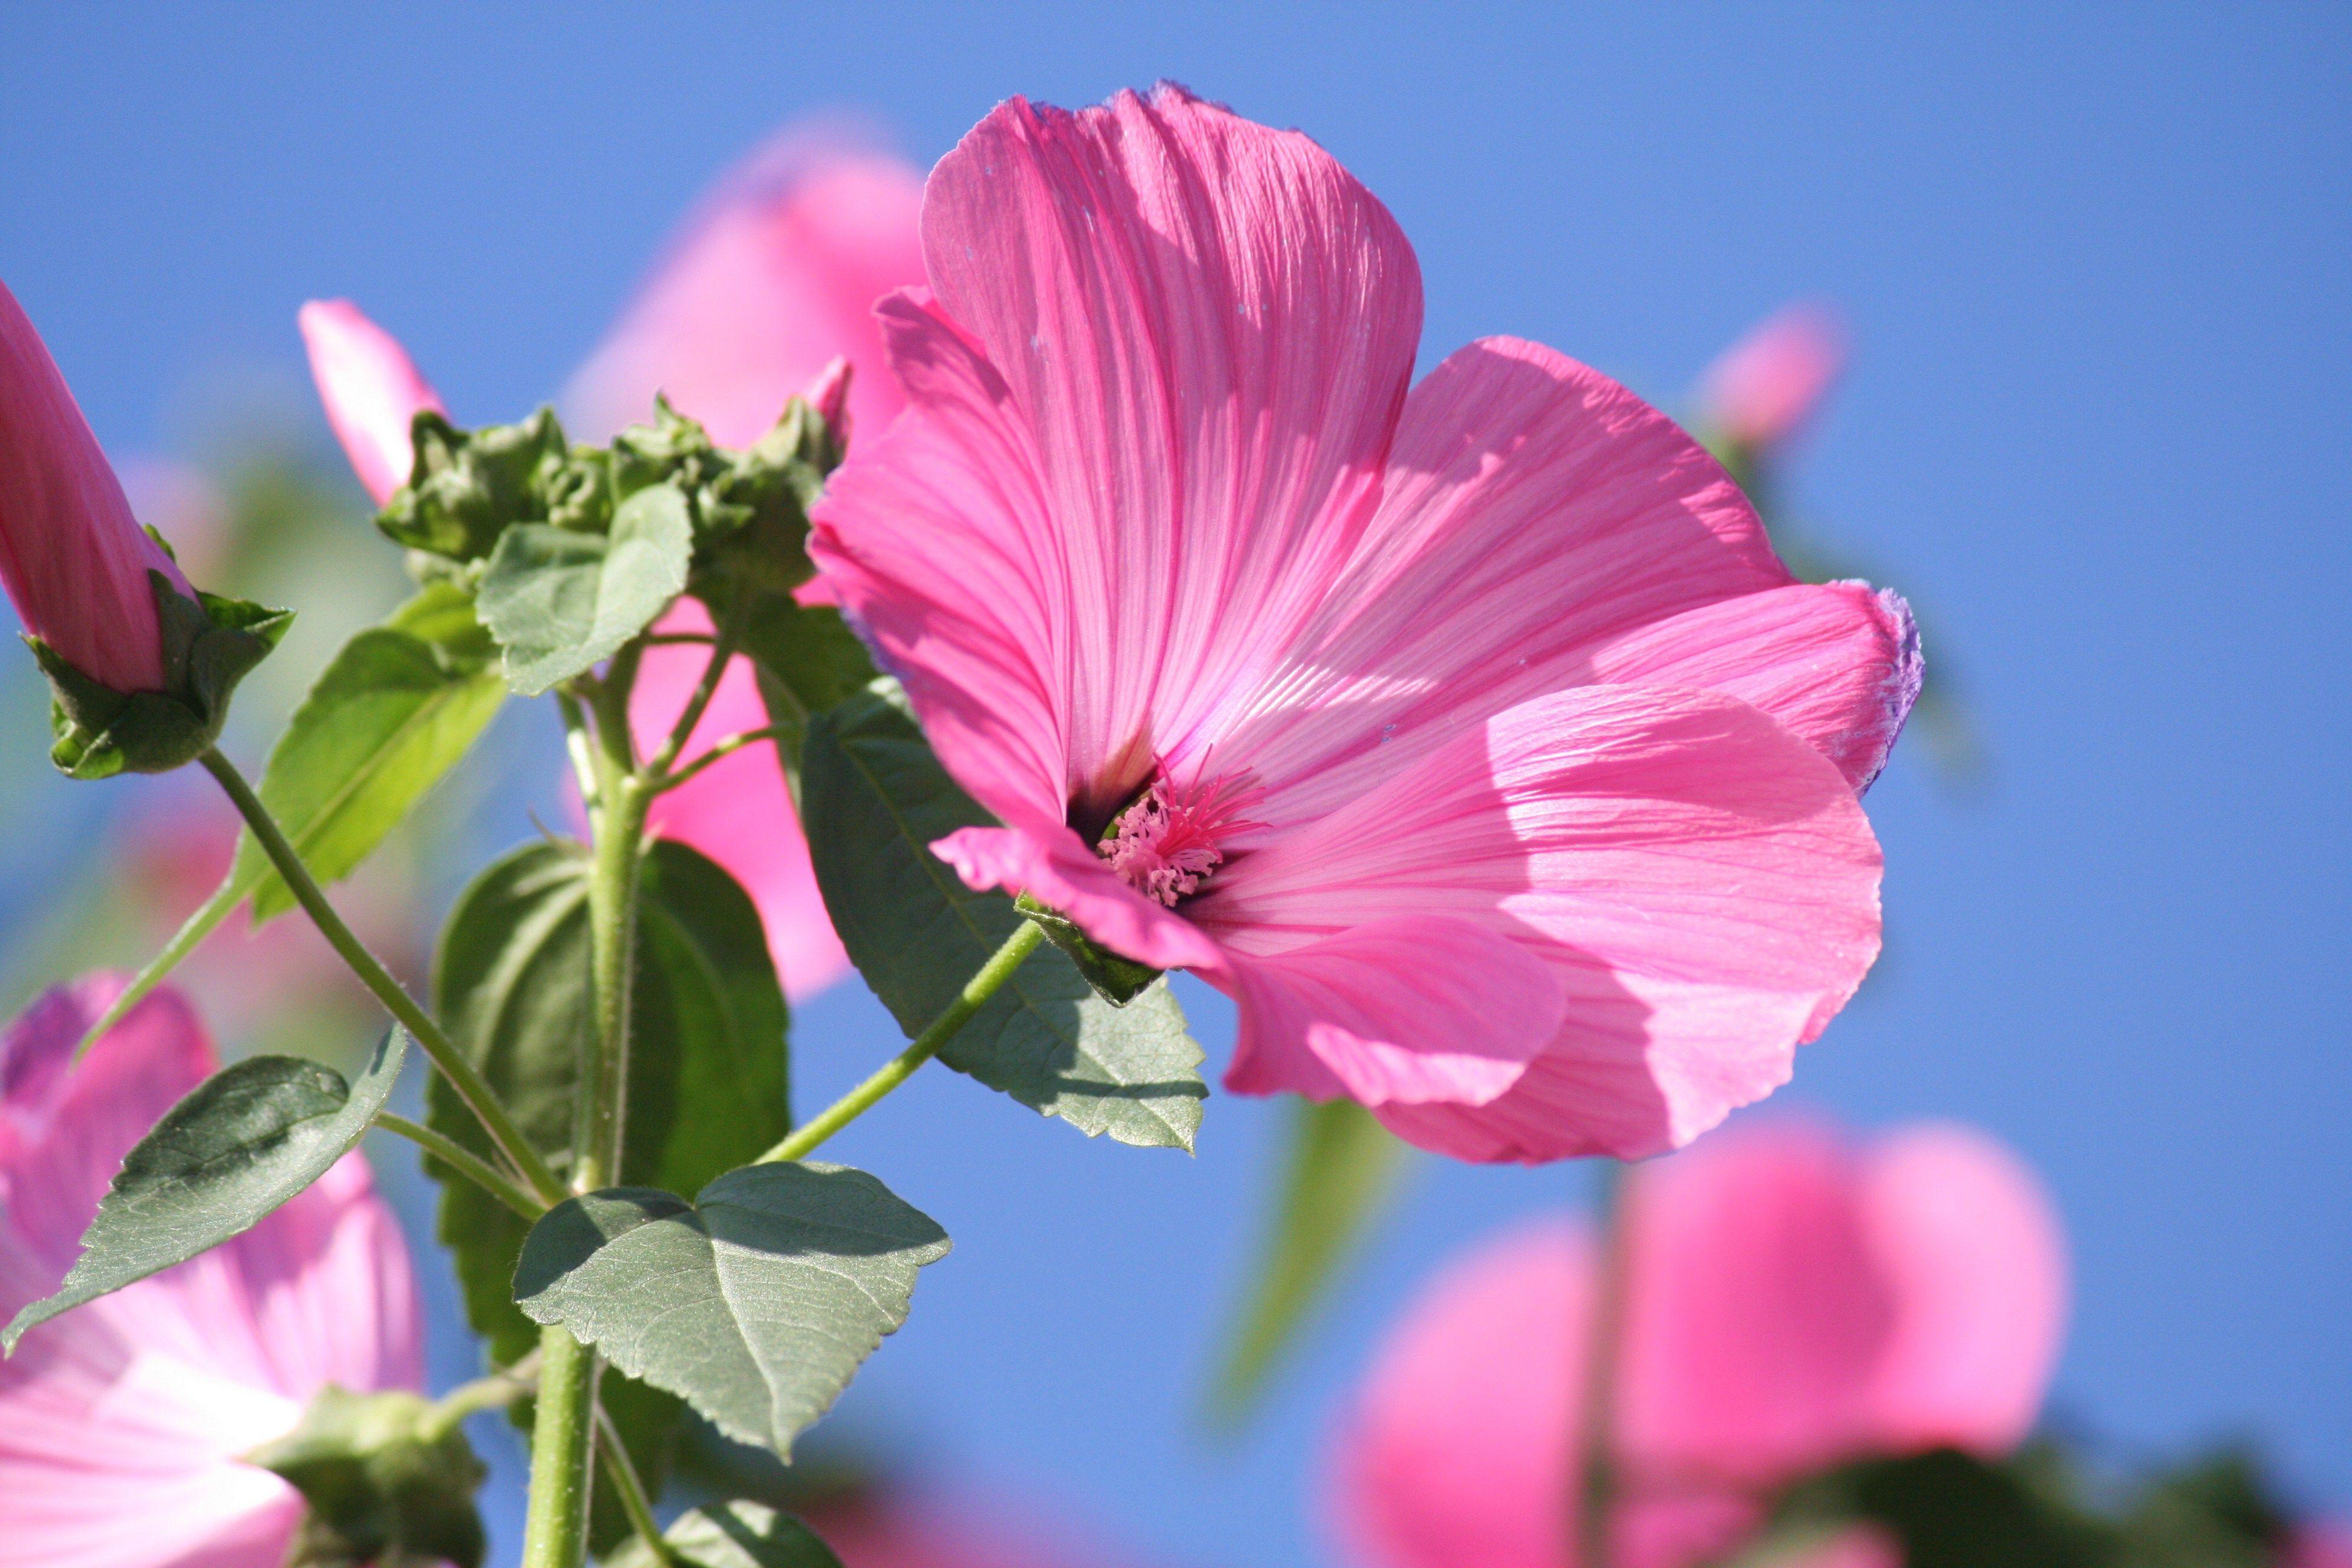 Мальва: посадка и уход за высокорослой красавицей http://happymodern.ru/malva-posadka-i-uxod-za-vysokorosloj-krasavicej/ Все части растения можно использовать как лекарство, но самая сильная концентрация полезных веществ — в корне Смотри больше http://happymodern.ru/malva-posadka-i-uxod-za-vysokorosloj-krasavicej/